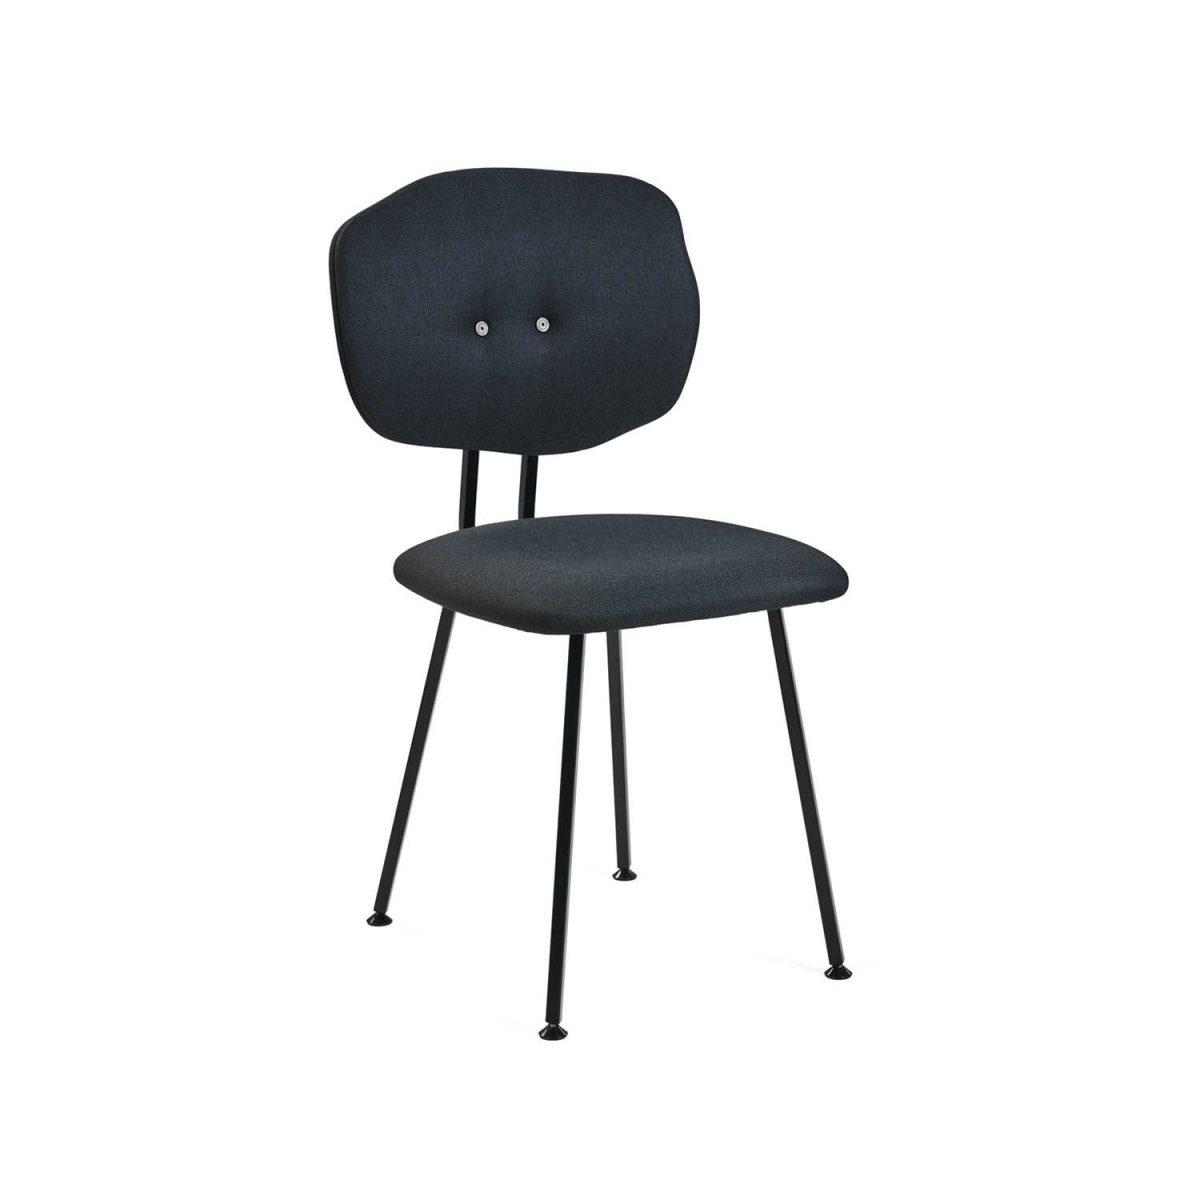 Maarten Baas Lensvelt Projectstoel Kantoorstoel Eetkamerstoel Dutch Design